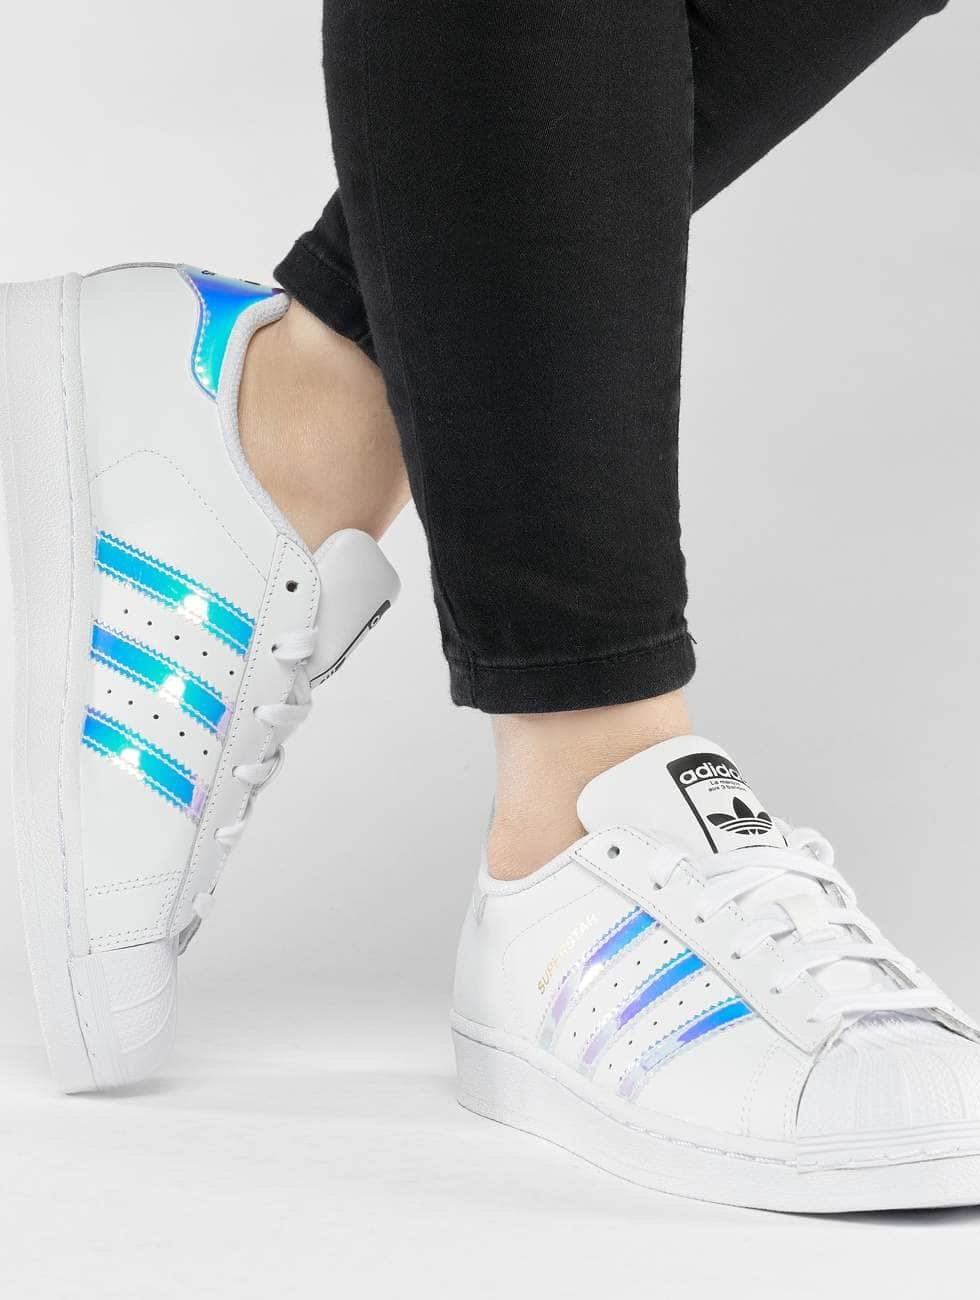 Korting Nieuwste Collecties Krijgen Om Te Kopen adidas originals schoen / sneaker Superstar in wit 221038 Perfect Te Koop i9Lxy